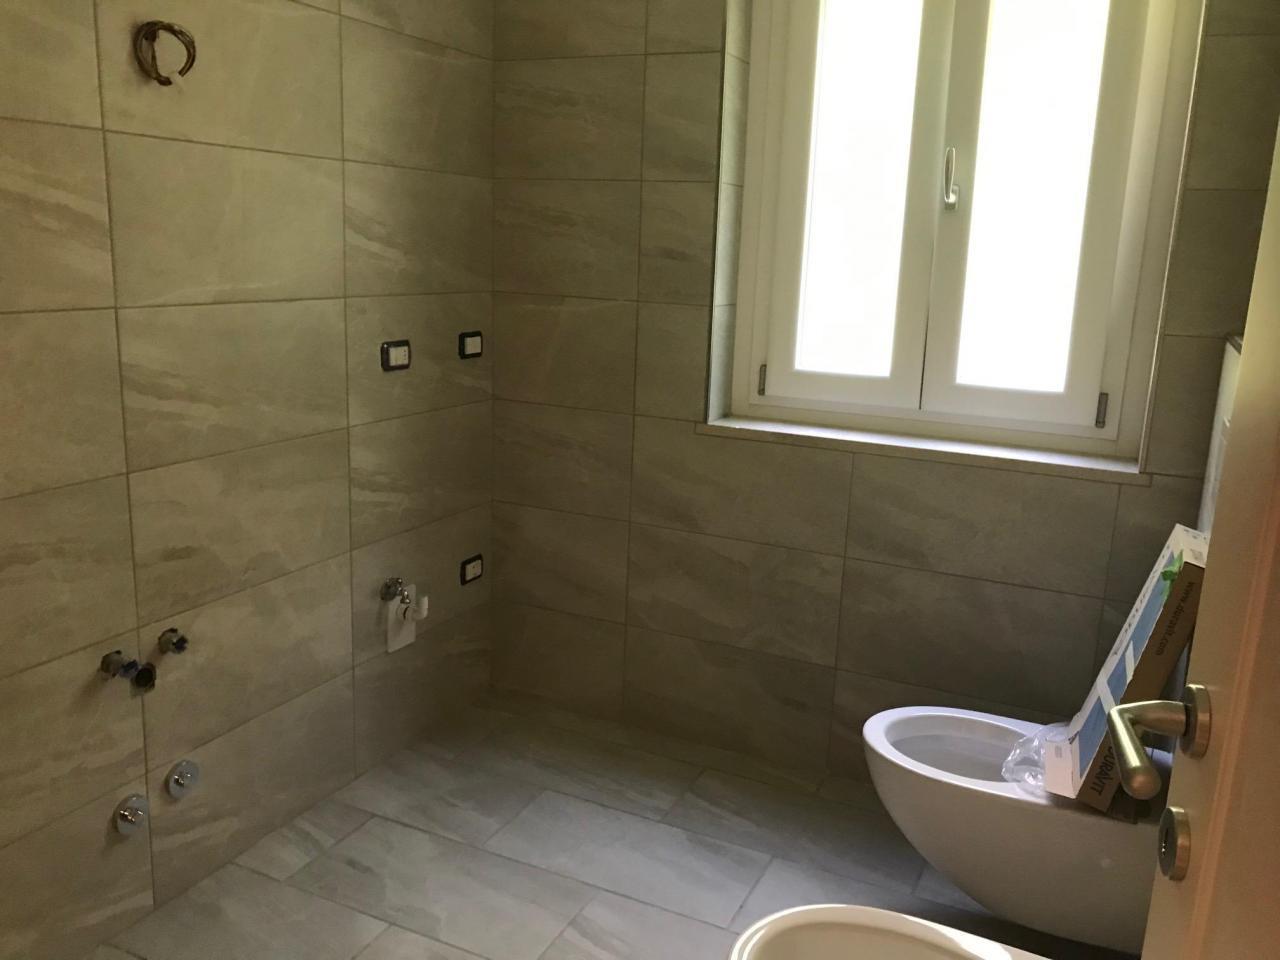 Продастся новая квартира 4х комнатная в Кампионе д Италия на озере Лугано - 4